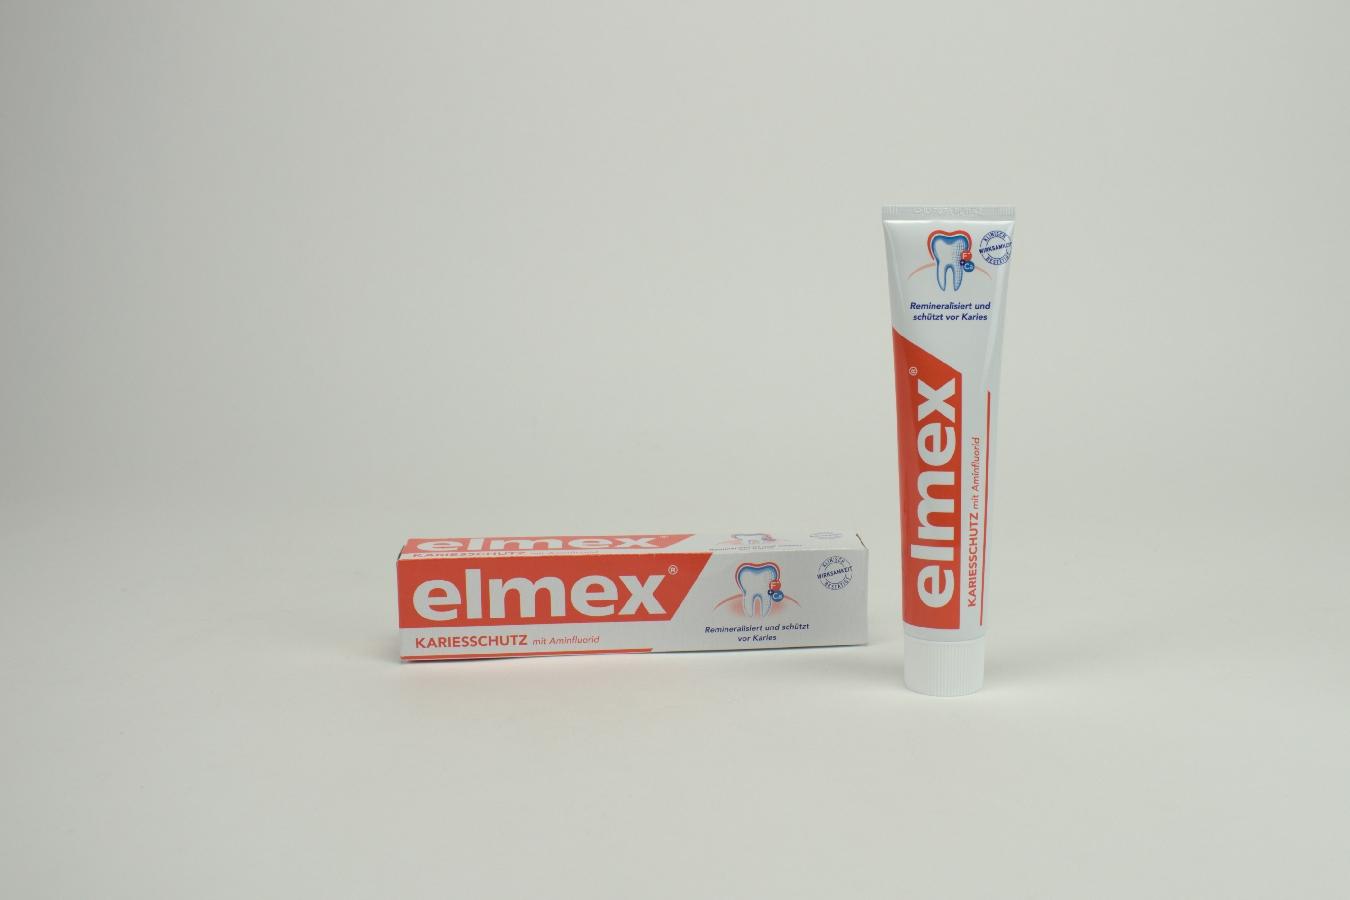 Elmex Zahnpasta 75ml Tube